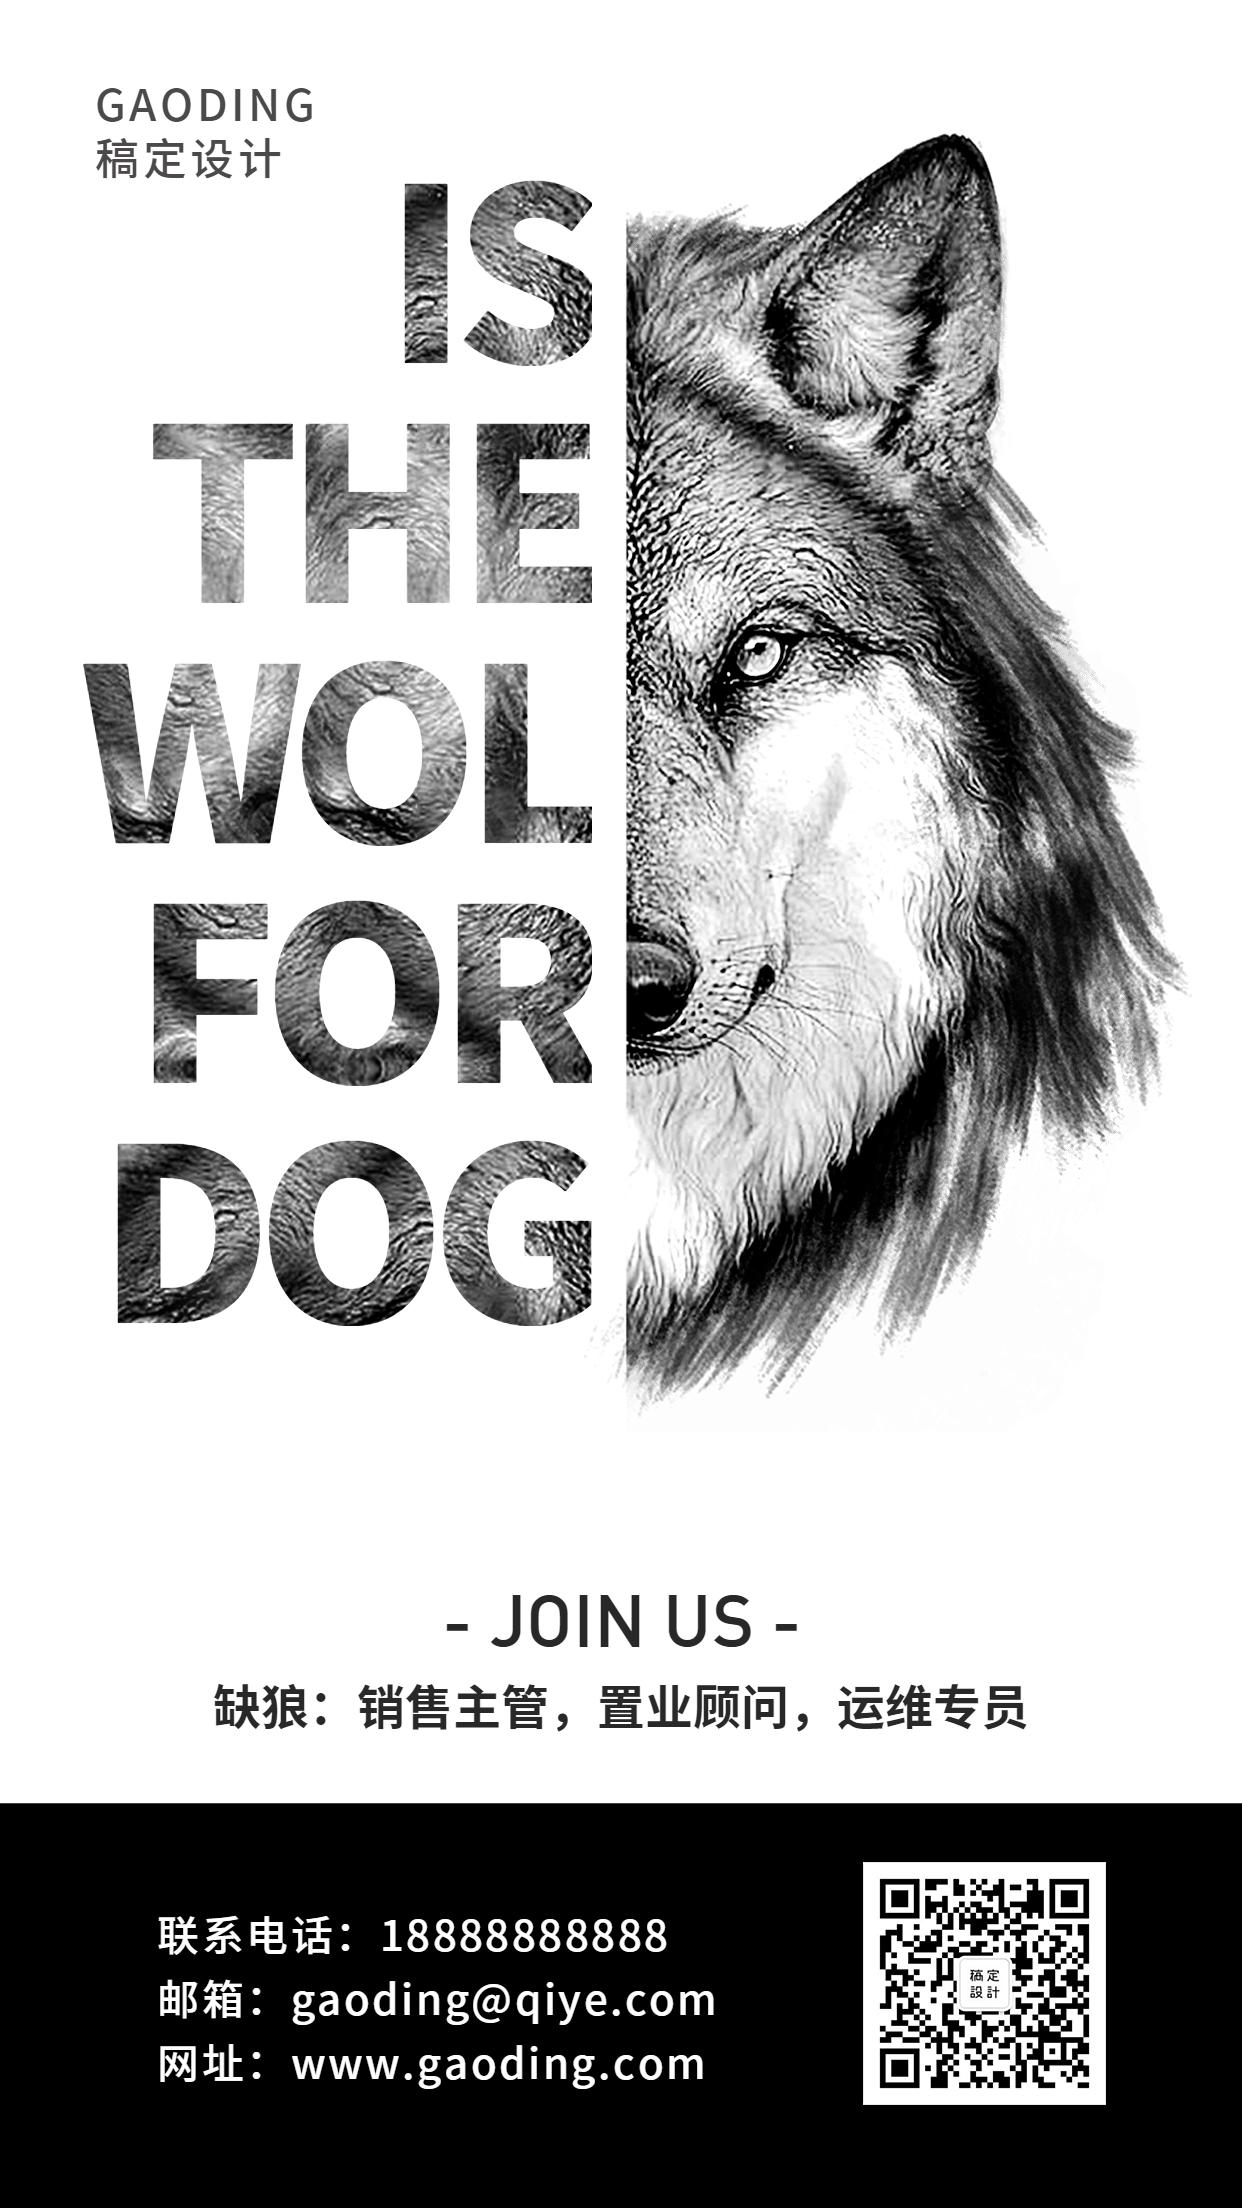 黑白狼性员工招聘海报